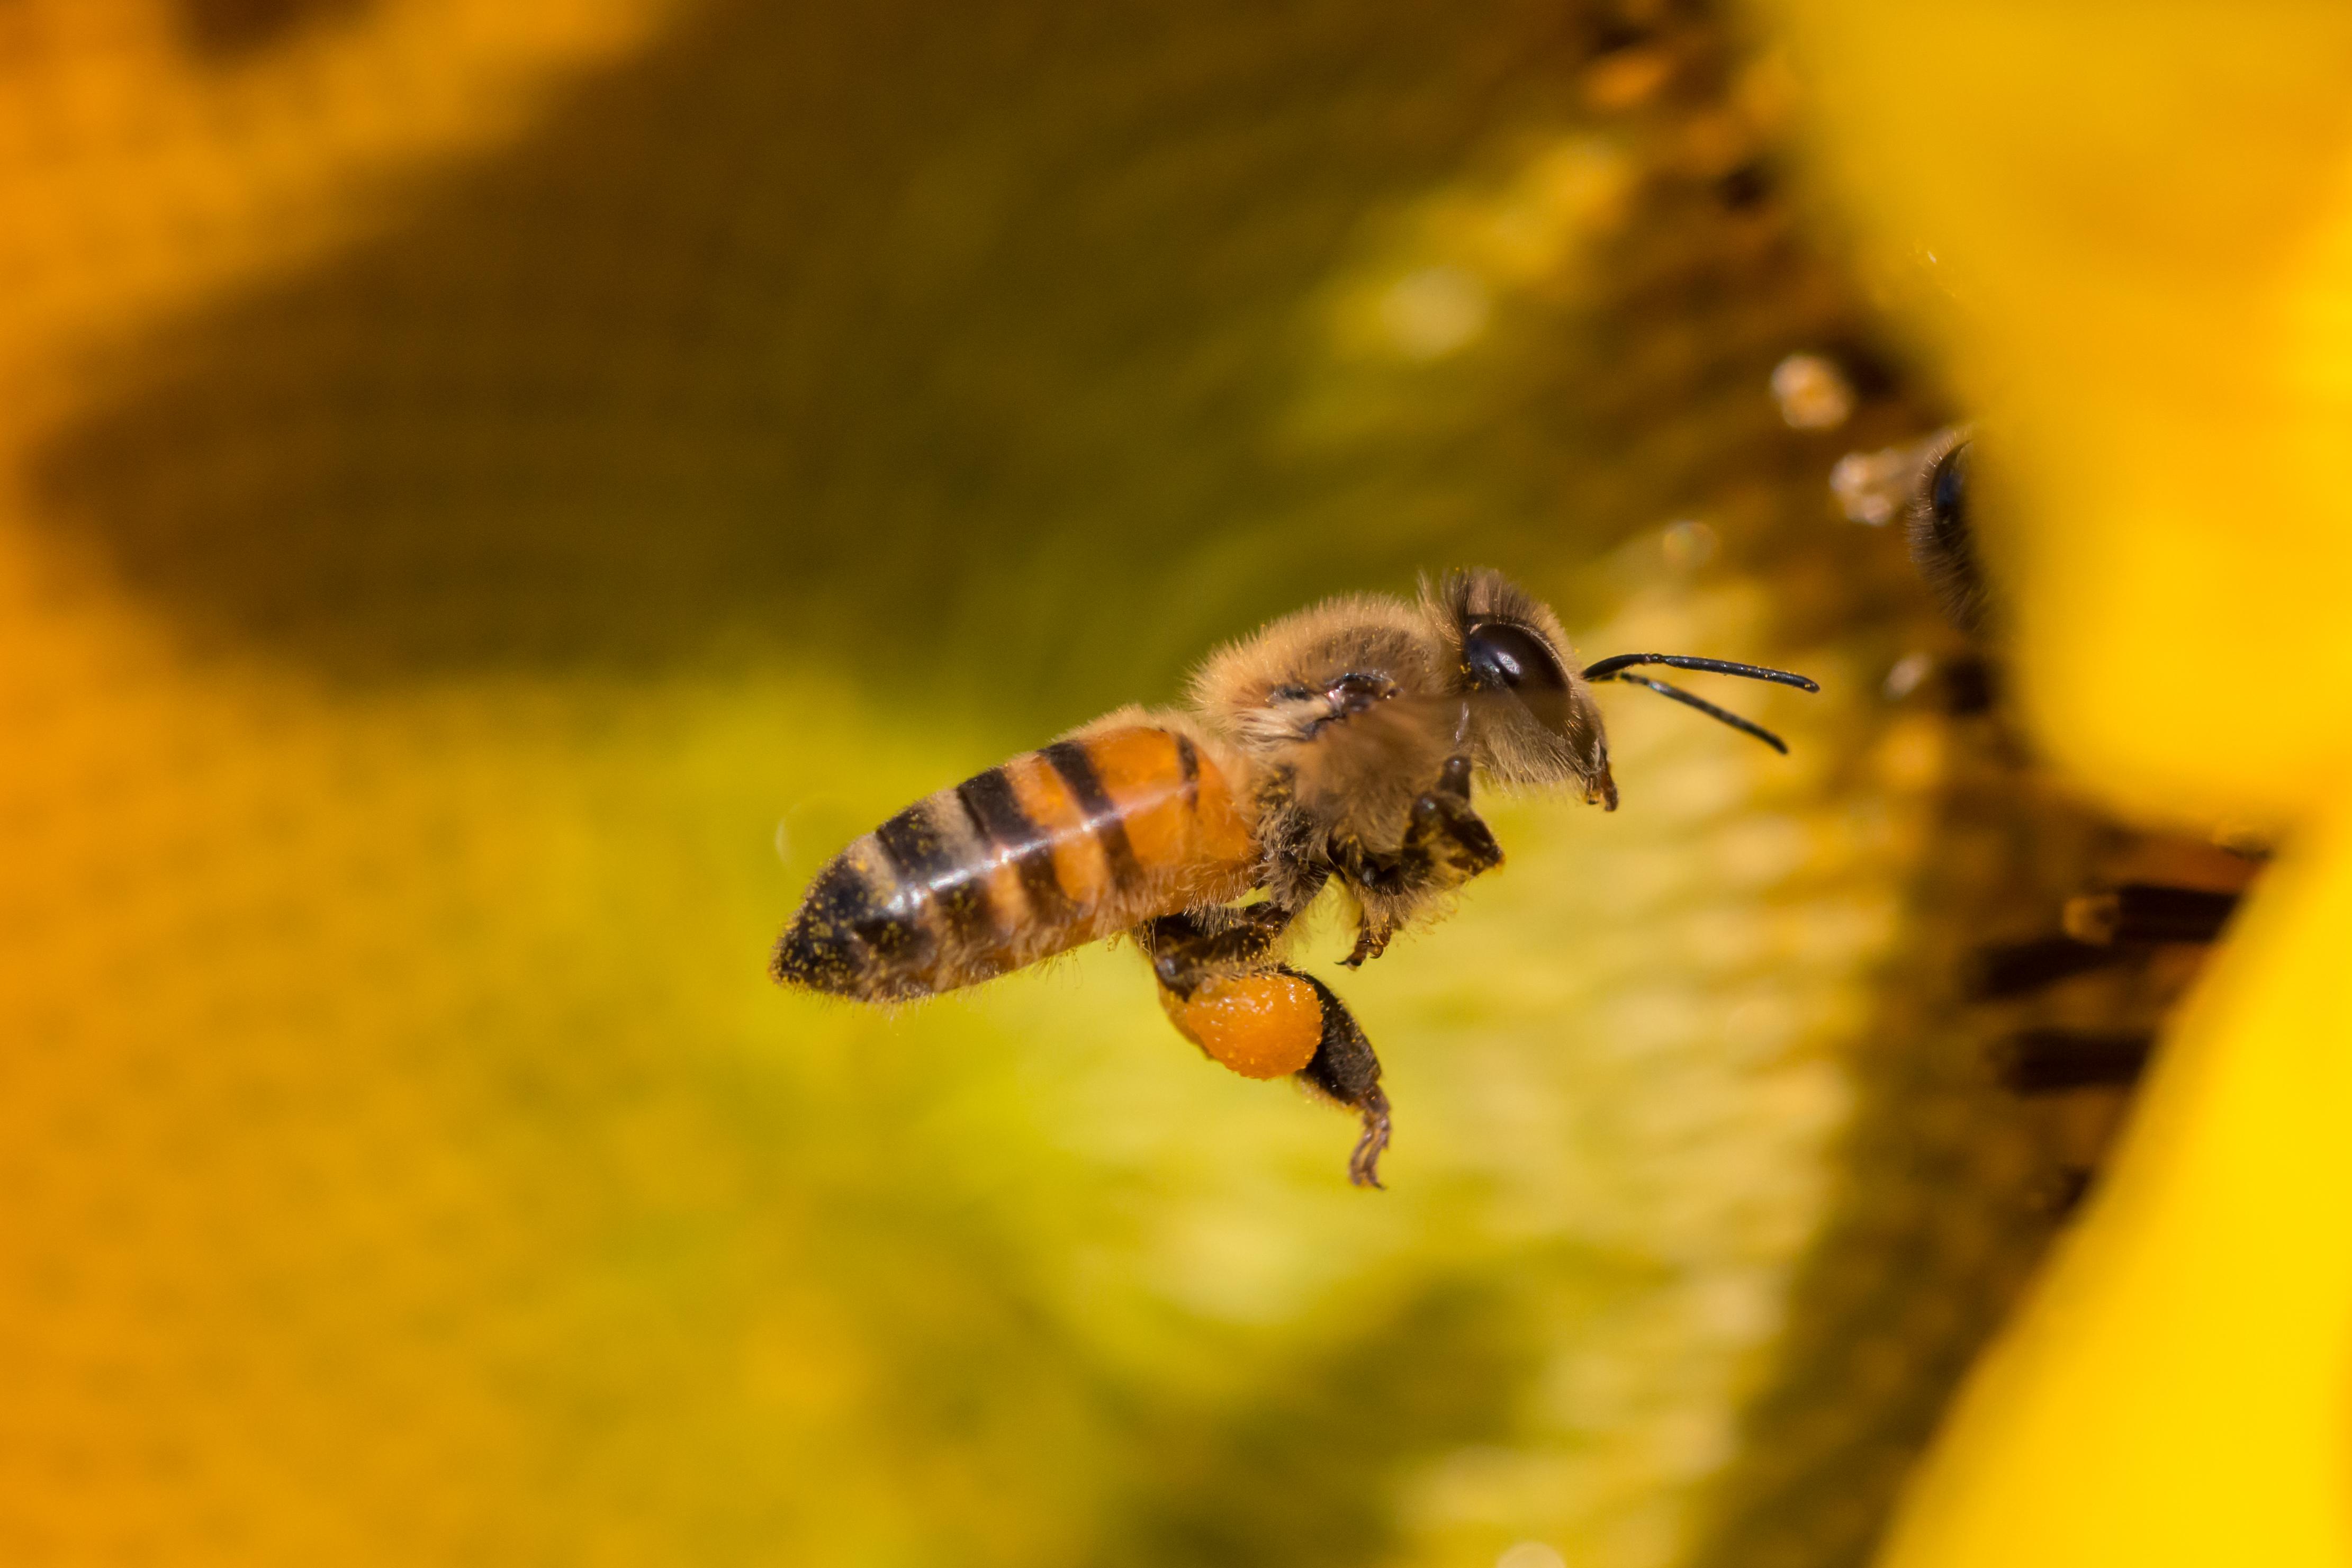 Une abeille avec du pollen plein les pattes